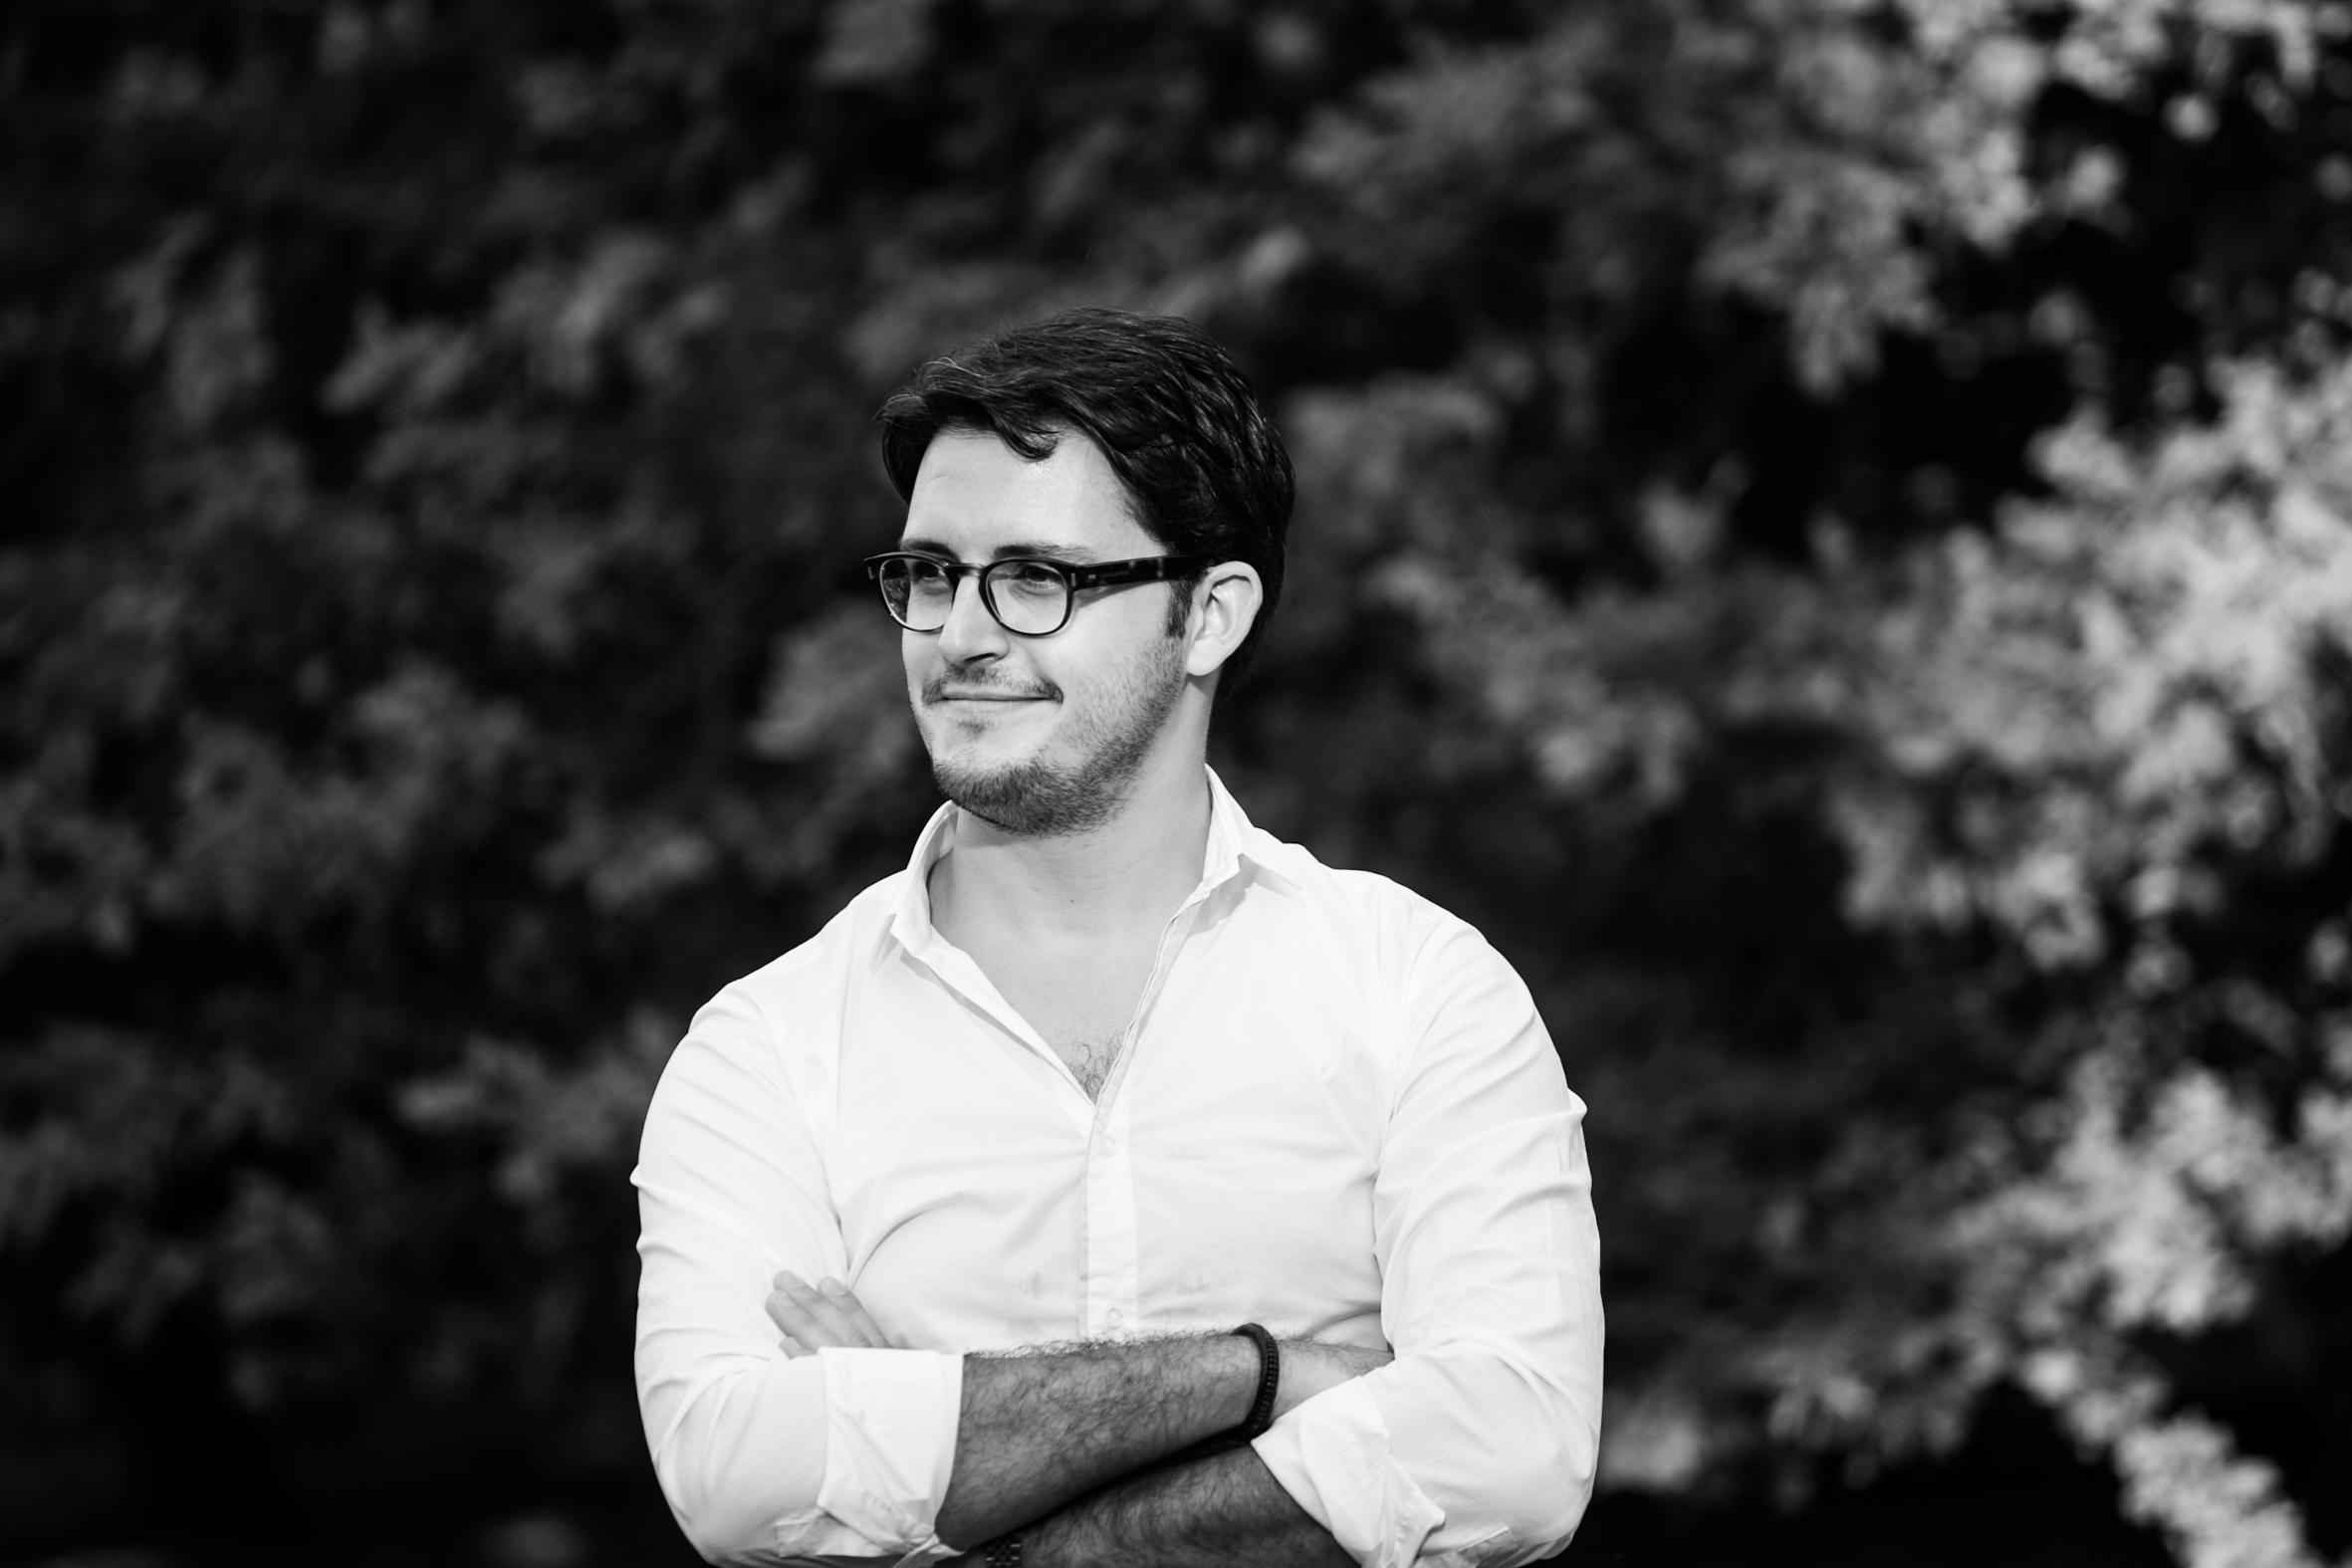 """Stefano Bertoni ist in Legnago (I) geboren. Er studierte Orgel, Klavier und Cembalo in Rovigo. Als Stipendiat setzte er seine Studien an der Musikhochschule Trossingen (D) fort, wo er einen Master im Hauptfach Orgel (2012) und ein Diplom als Kirchenmusiker (2017) erwarb. Zur Zeit absolviert er einen Studiengang mit Hauptfach Improvisation bei P. Theo Flury am """"Pontificio Istituto di Musica Sacra"""" in Rom und ein Masterstudium im Fach Orchesterleitung an der Musikhochschule Lugano. Ausserdem besucht er regelmässig Dirigierkurse in Deutschland, Italien und Tschechien. Stefano Bertoni wohnt in Einsiedeln und unterrichtet Klavier und Orgel an der Musikschule Einsiedeln und gehört seit 2019 zum Team der Einsiedler Klosterorganisten. Er ist als Kirchenmusiker für die Pfarrei Unteriberg - Studen tätig und leitet den Konzertchor «Kantorei Toggenburg» in Wattwil (SG). Ferner arbeitet er als stellvertretender Orchesterdirigent. Er tritt als Solist und im Duo mit seiner Frau in der Schweiz und im Ausland auf (unter anderem in Italien, Deutschland, Österreich und Japan)."""